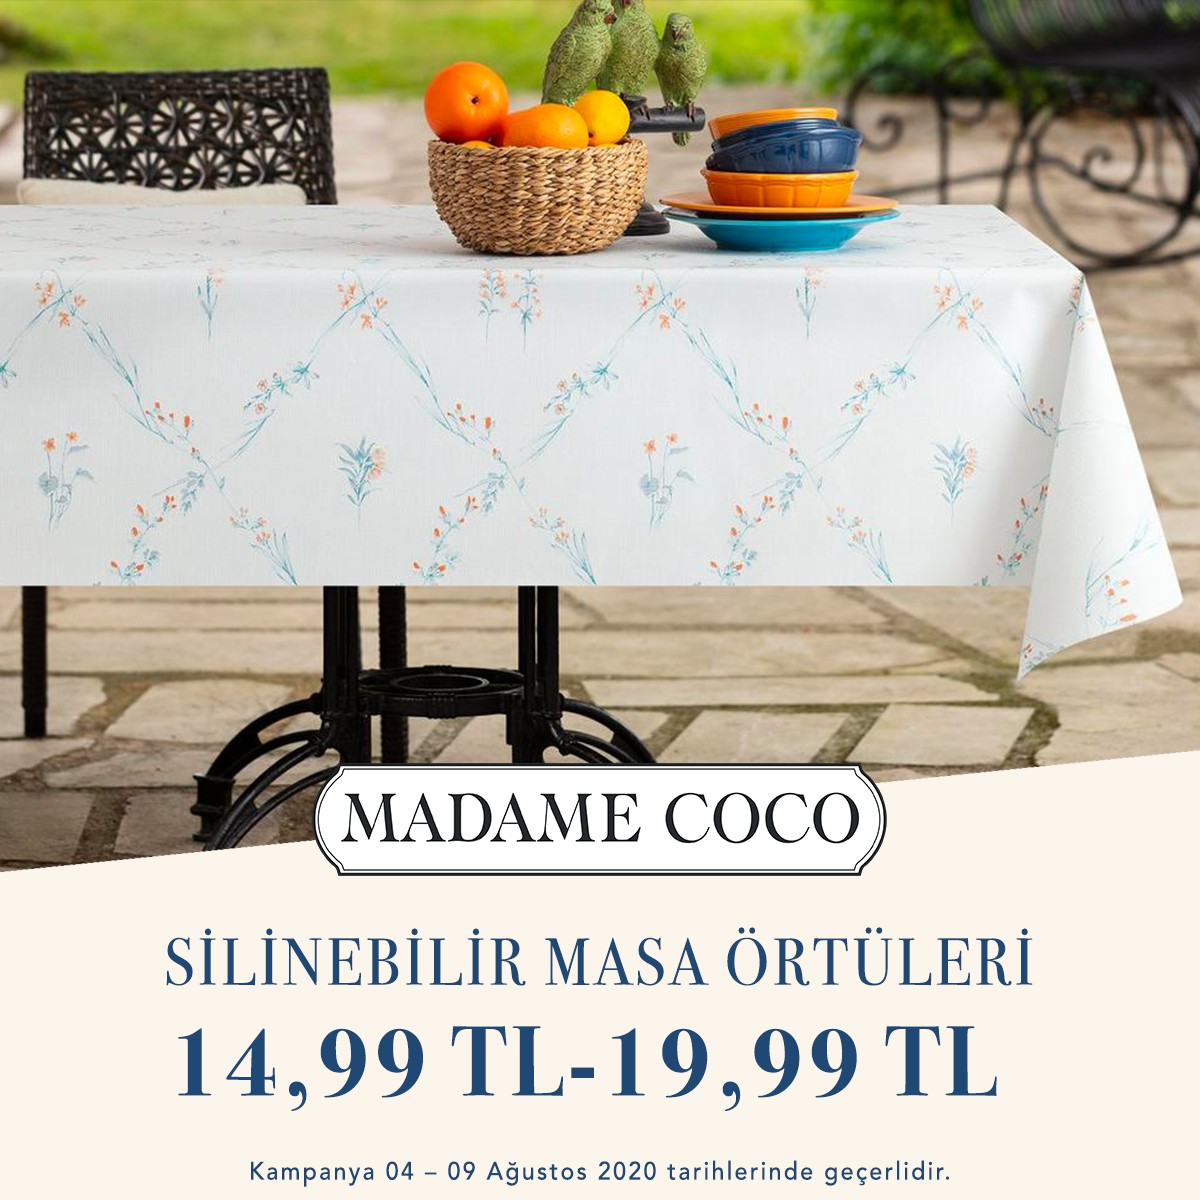 4-9 Ağustos tarihlerinde MADAME COCO'da silinebilir masa örtülerindeki fırsatları kaçırmayın!